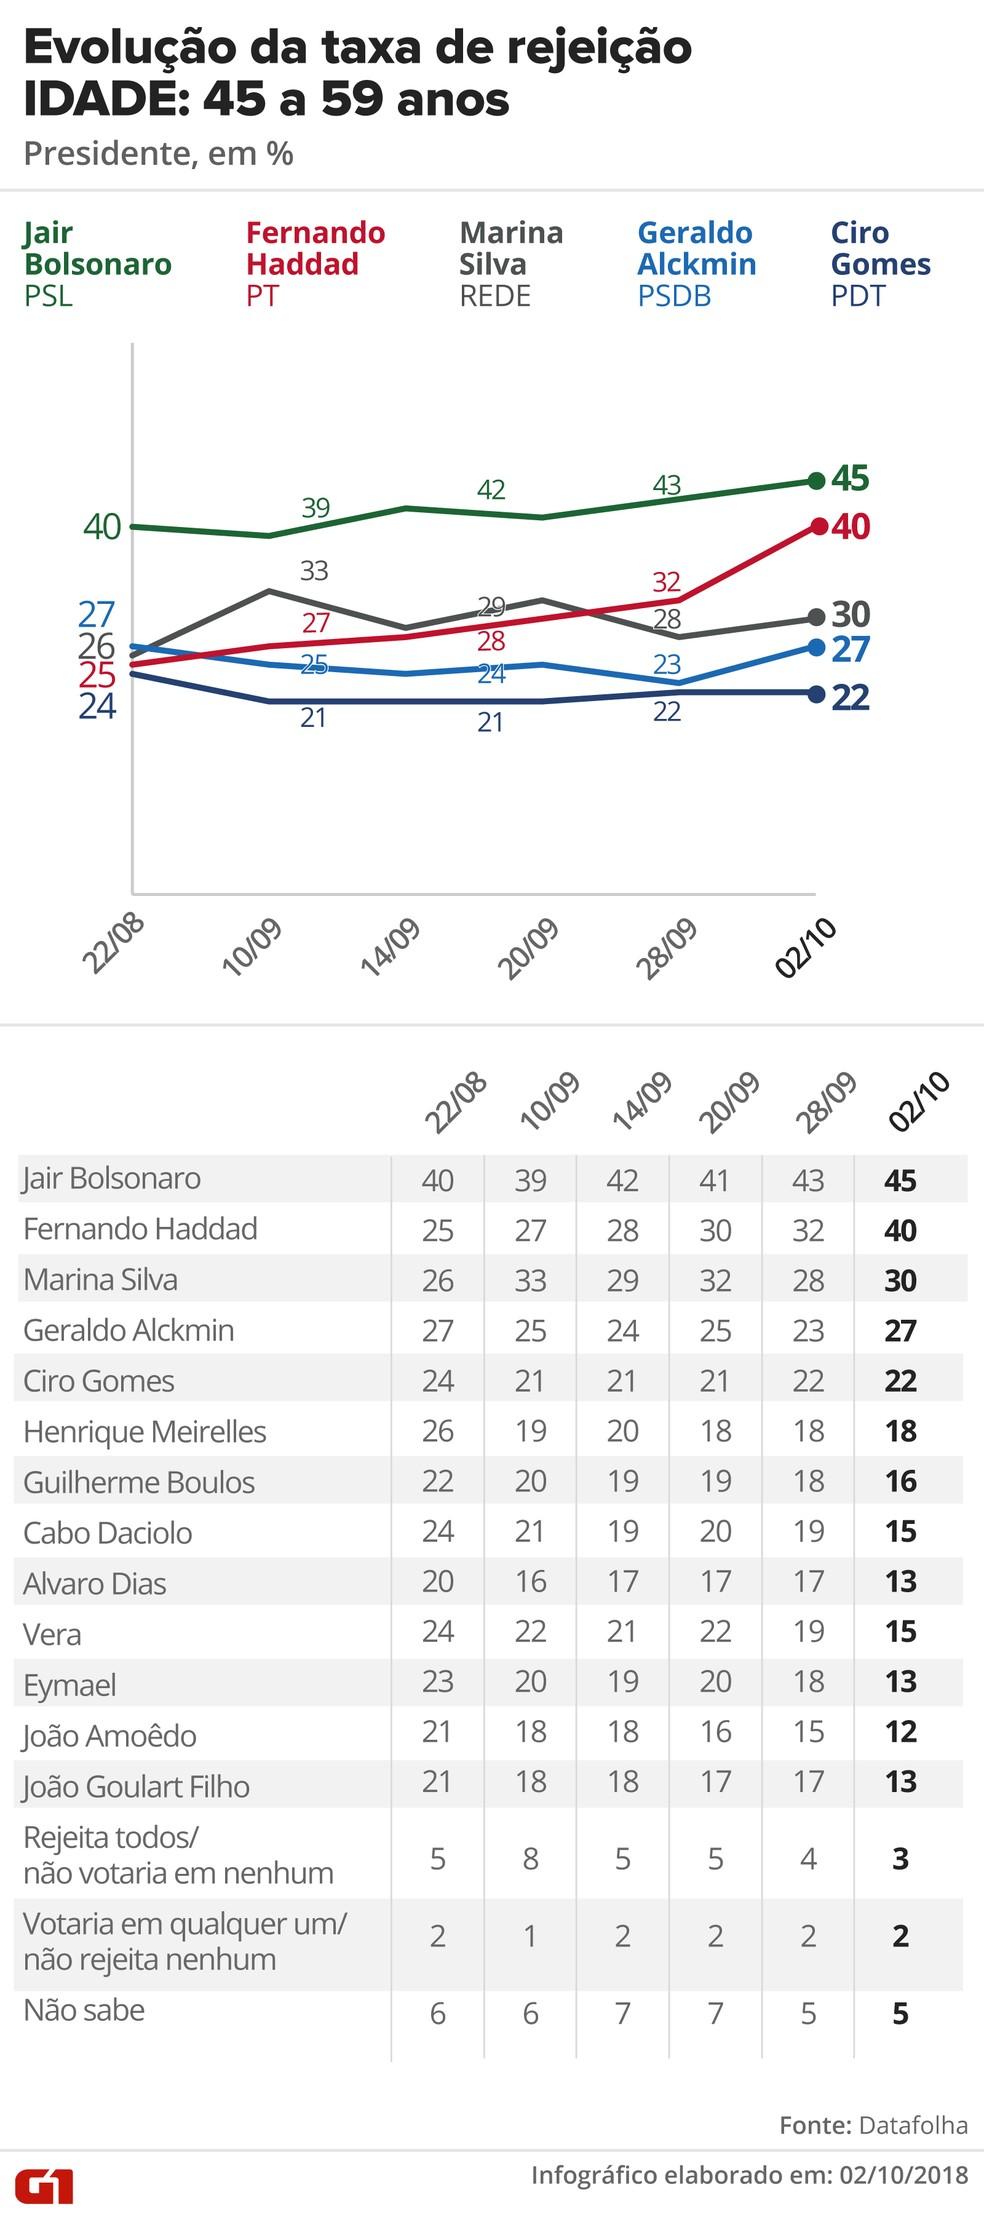 Pesquisa Datafolha, 2/10 para presidente - Rejeição - Idade: 45 a 59 anos — Foto: G1 Arte